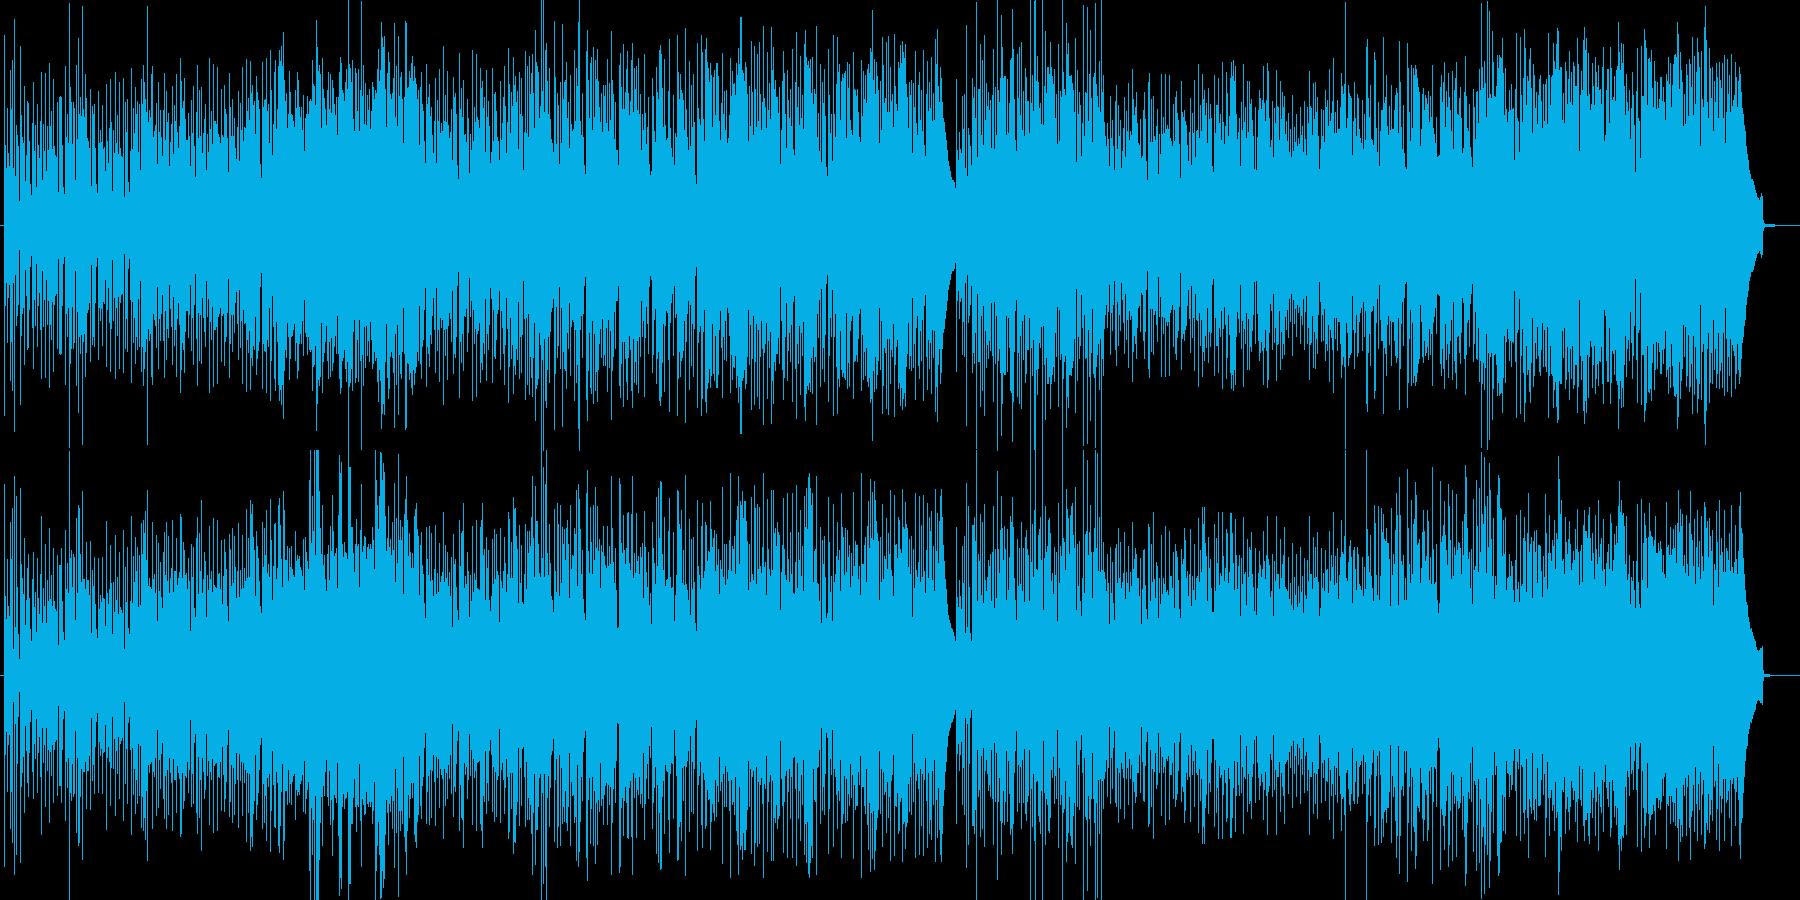 カジノを意識してつくったジャズ曲です。…の再生済みの波形